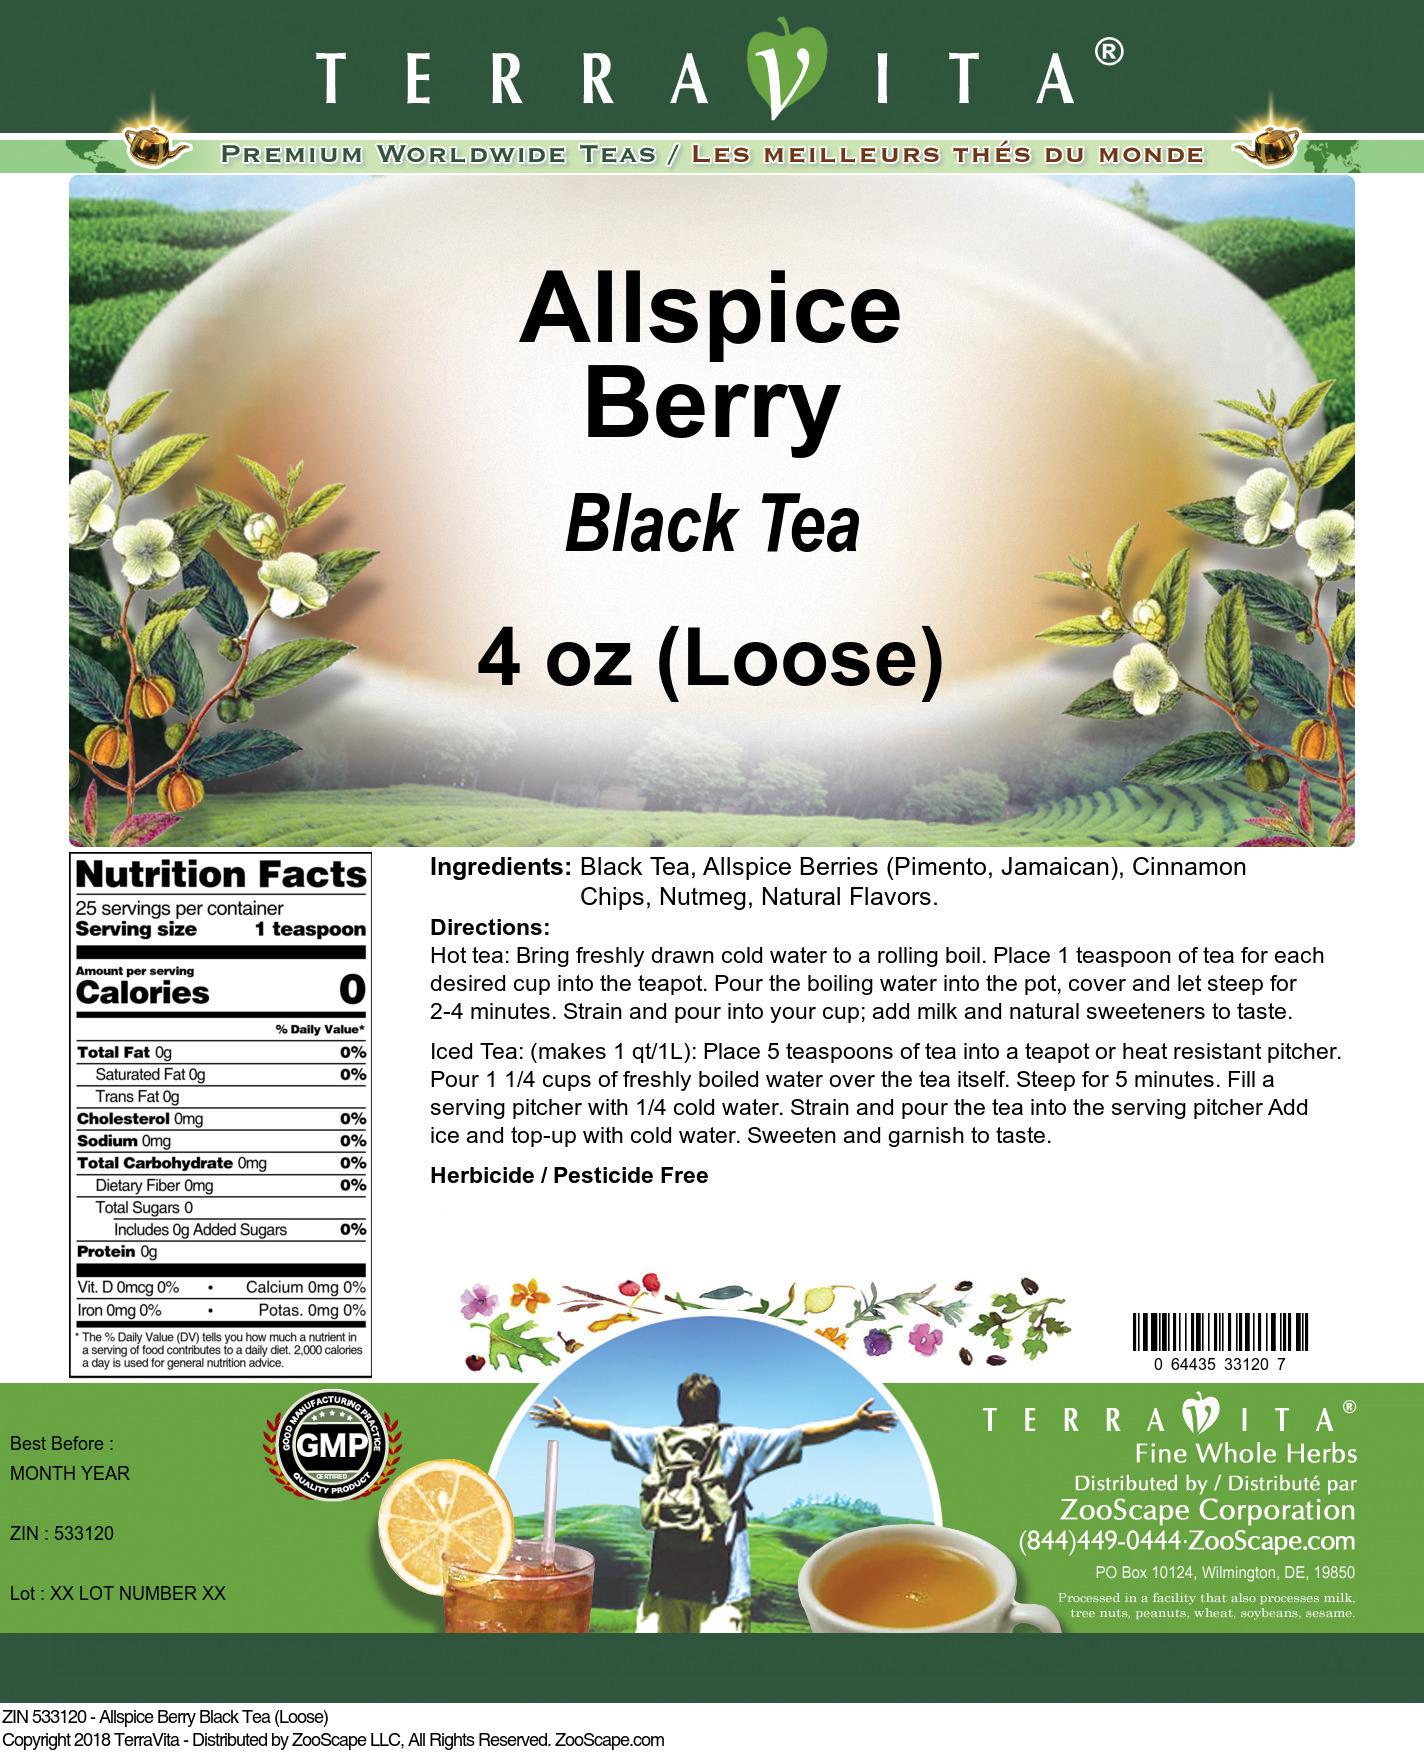 Allspice Berry Black Tea